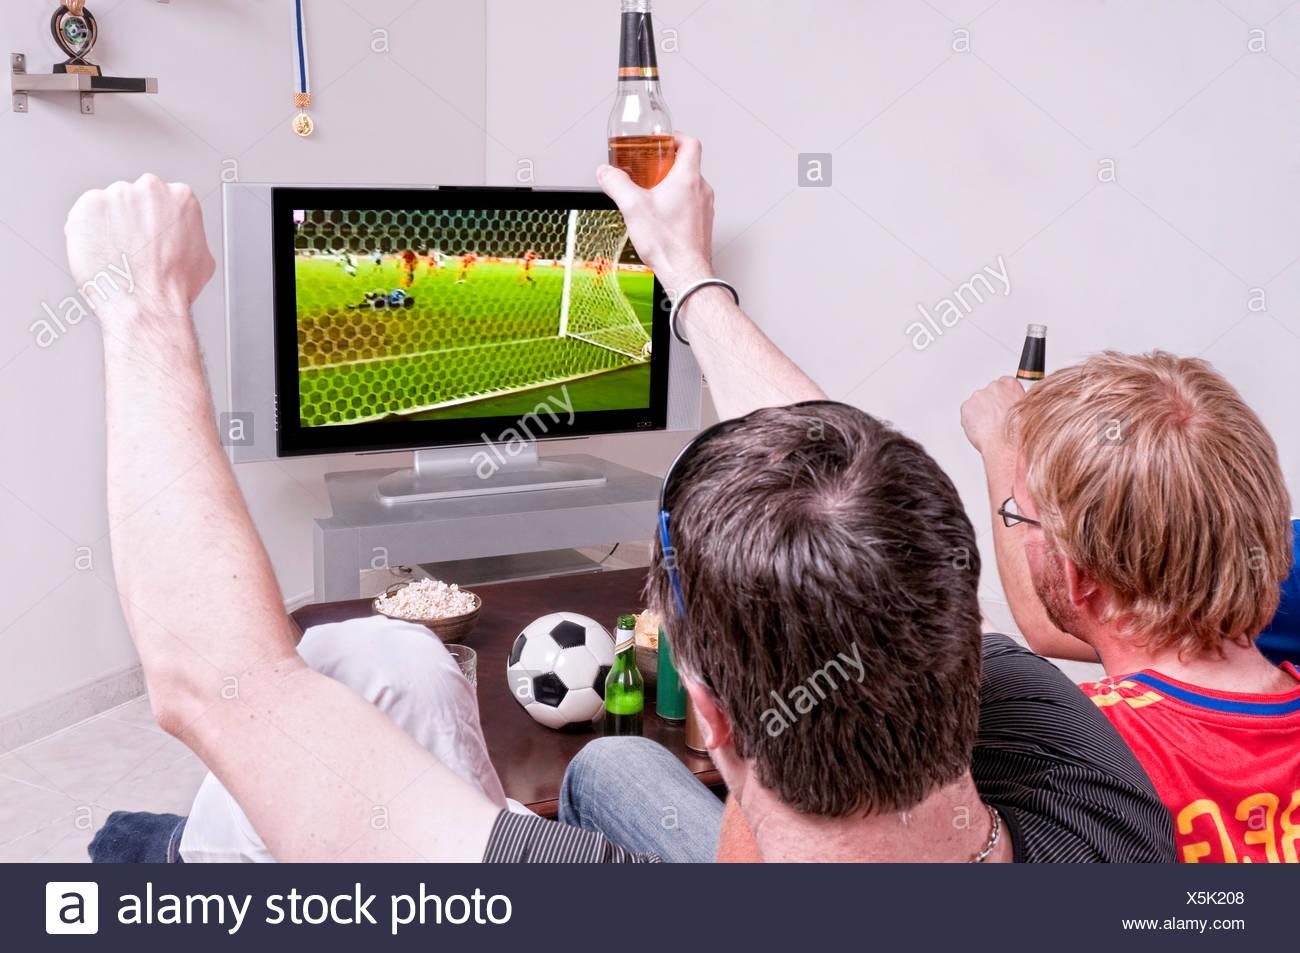 sport sports football fan - Stock Image